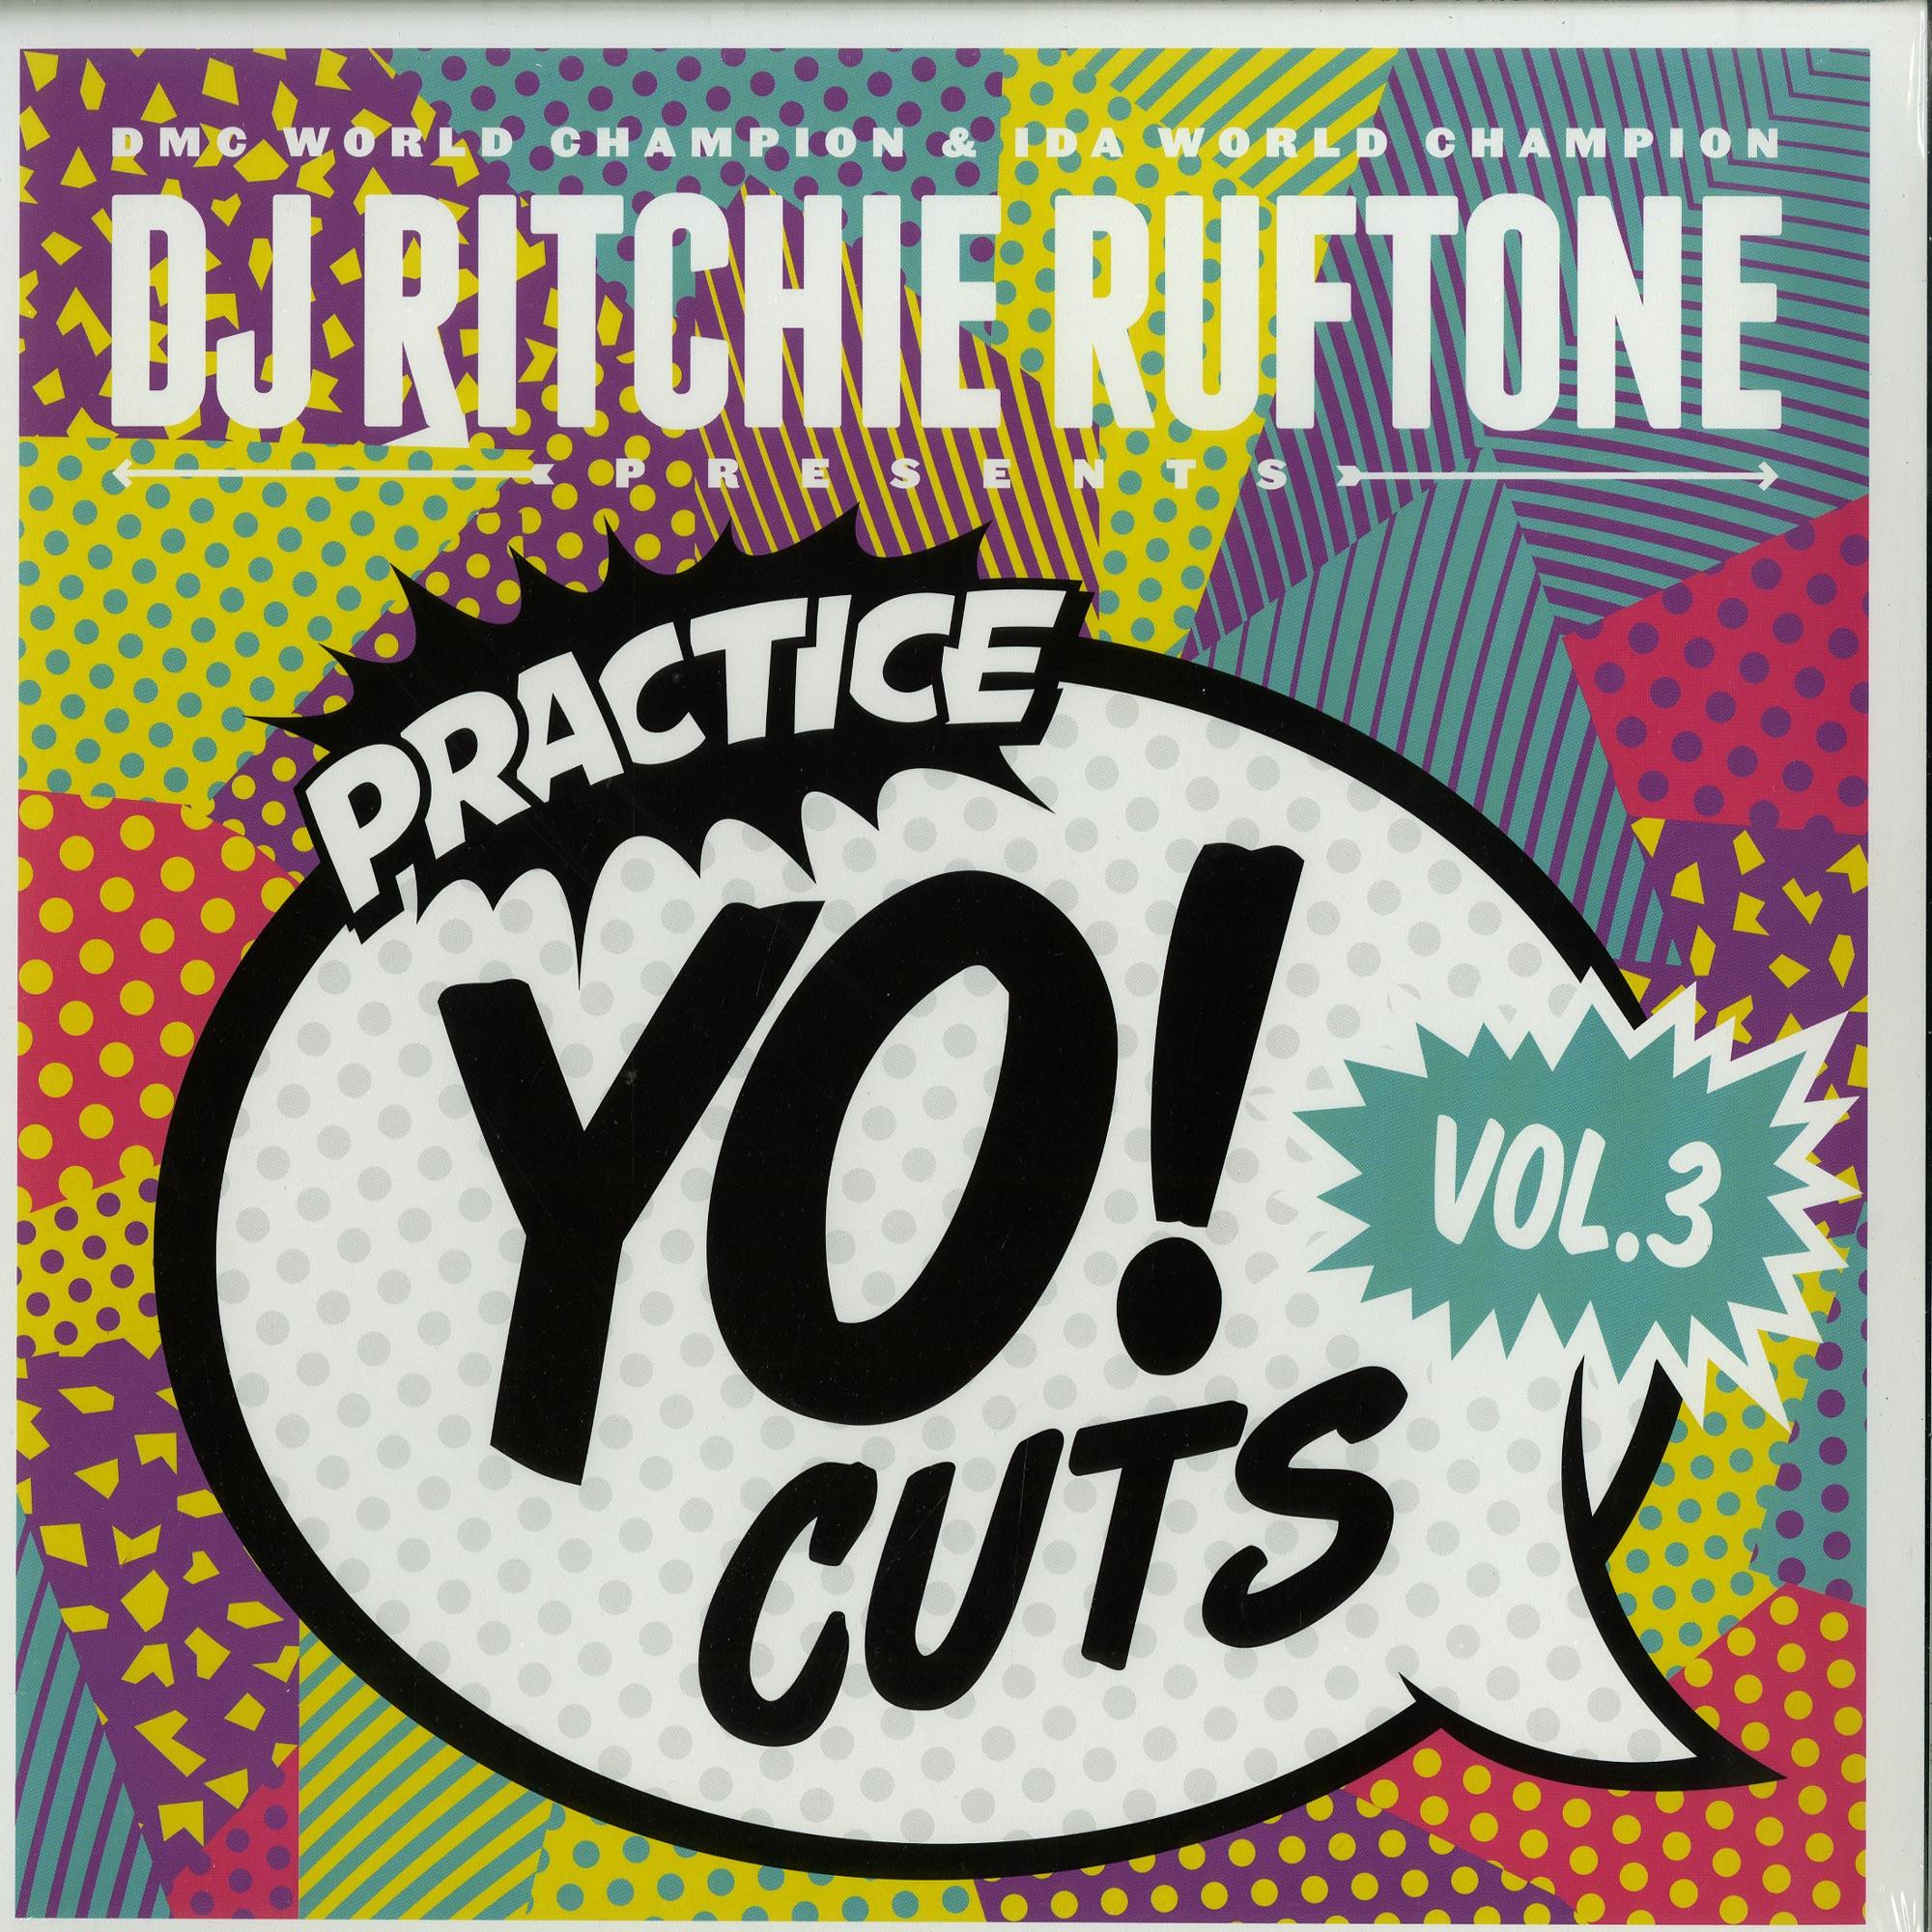 DJ Ritchie Ruftone - PRACTICE YO! CUTS VOL.3